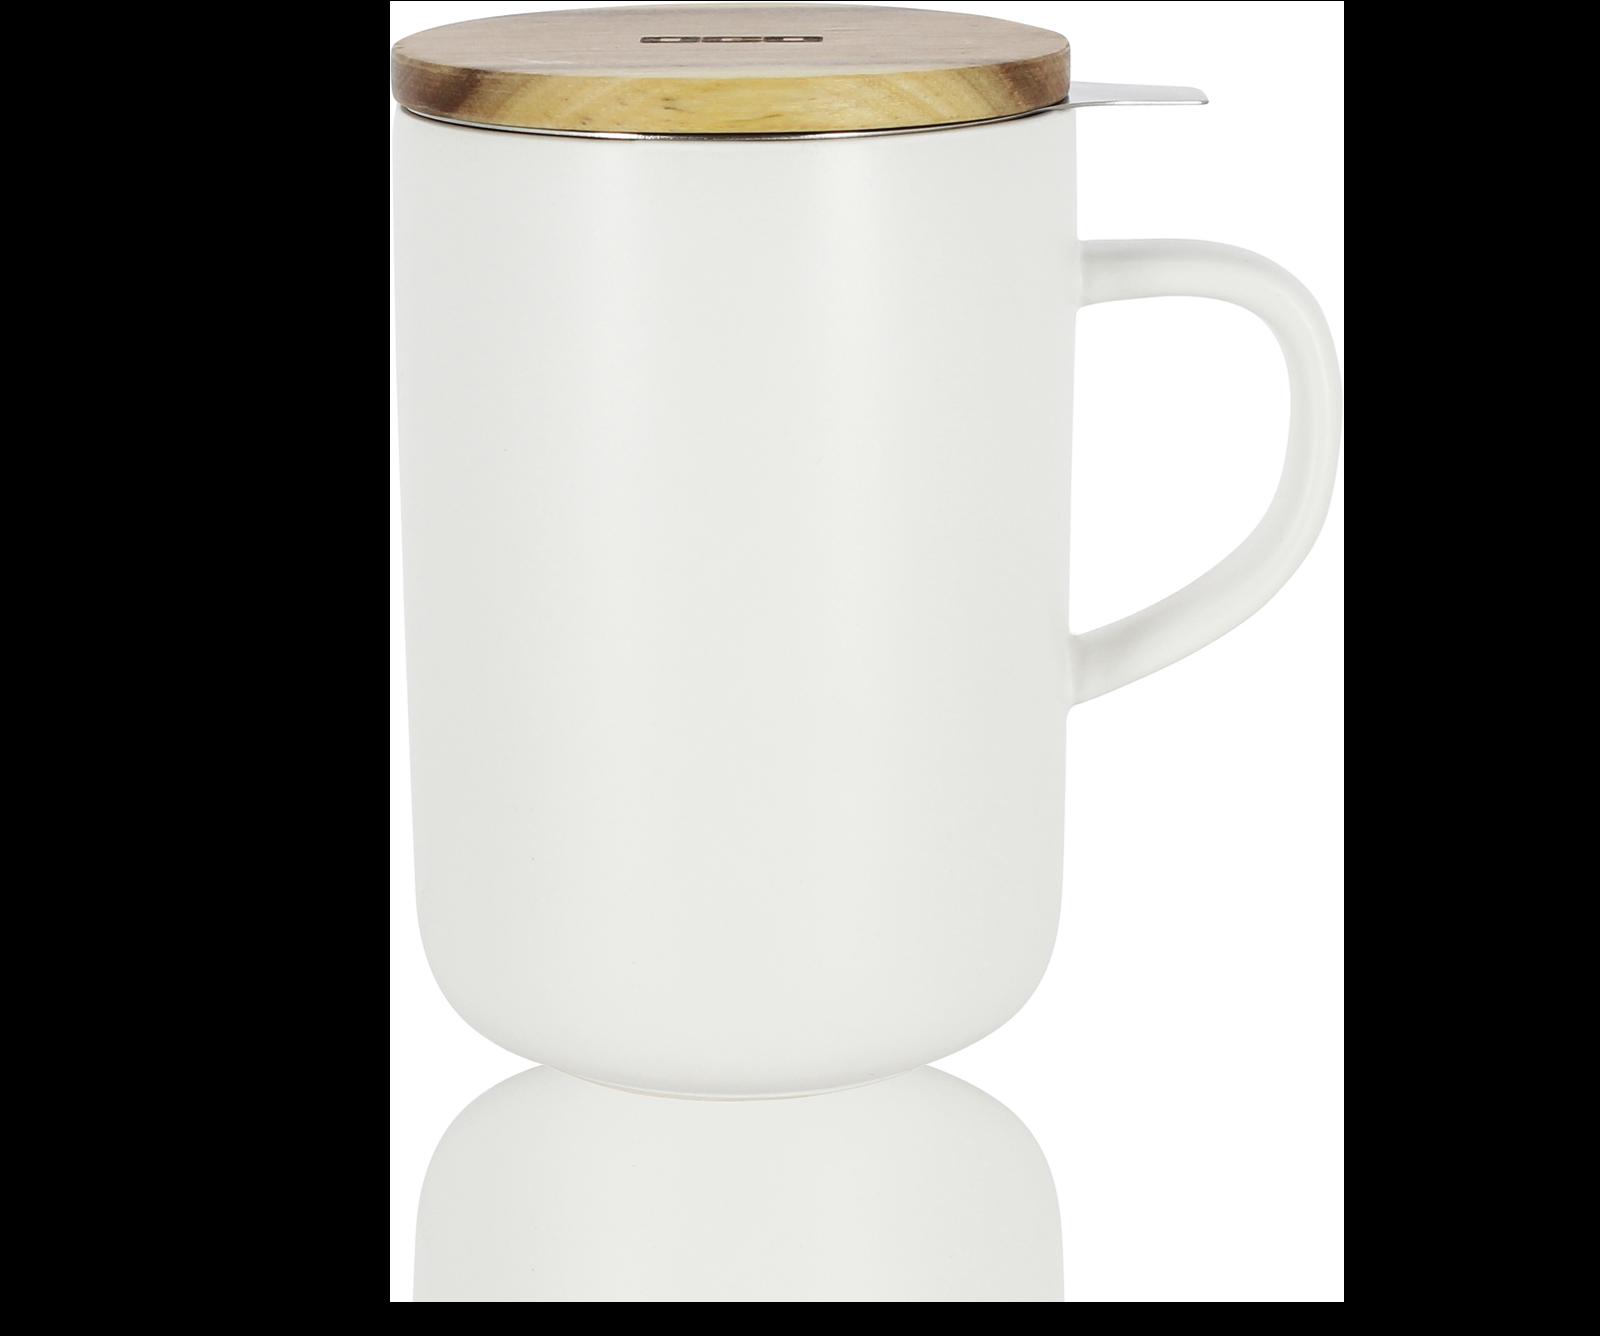 Tisanière en grès 48Cl, couvercle bois, filtre inox - Accessoire pour le thé - Kusmi Tea